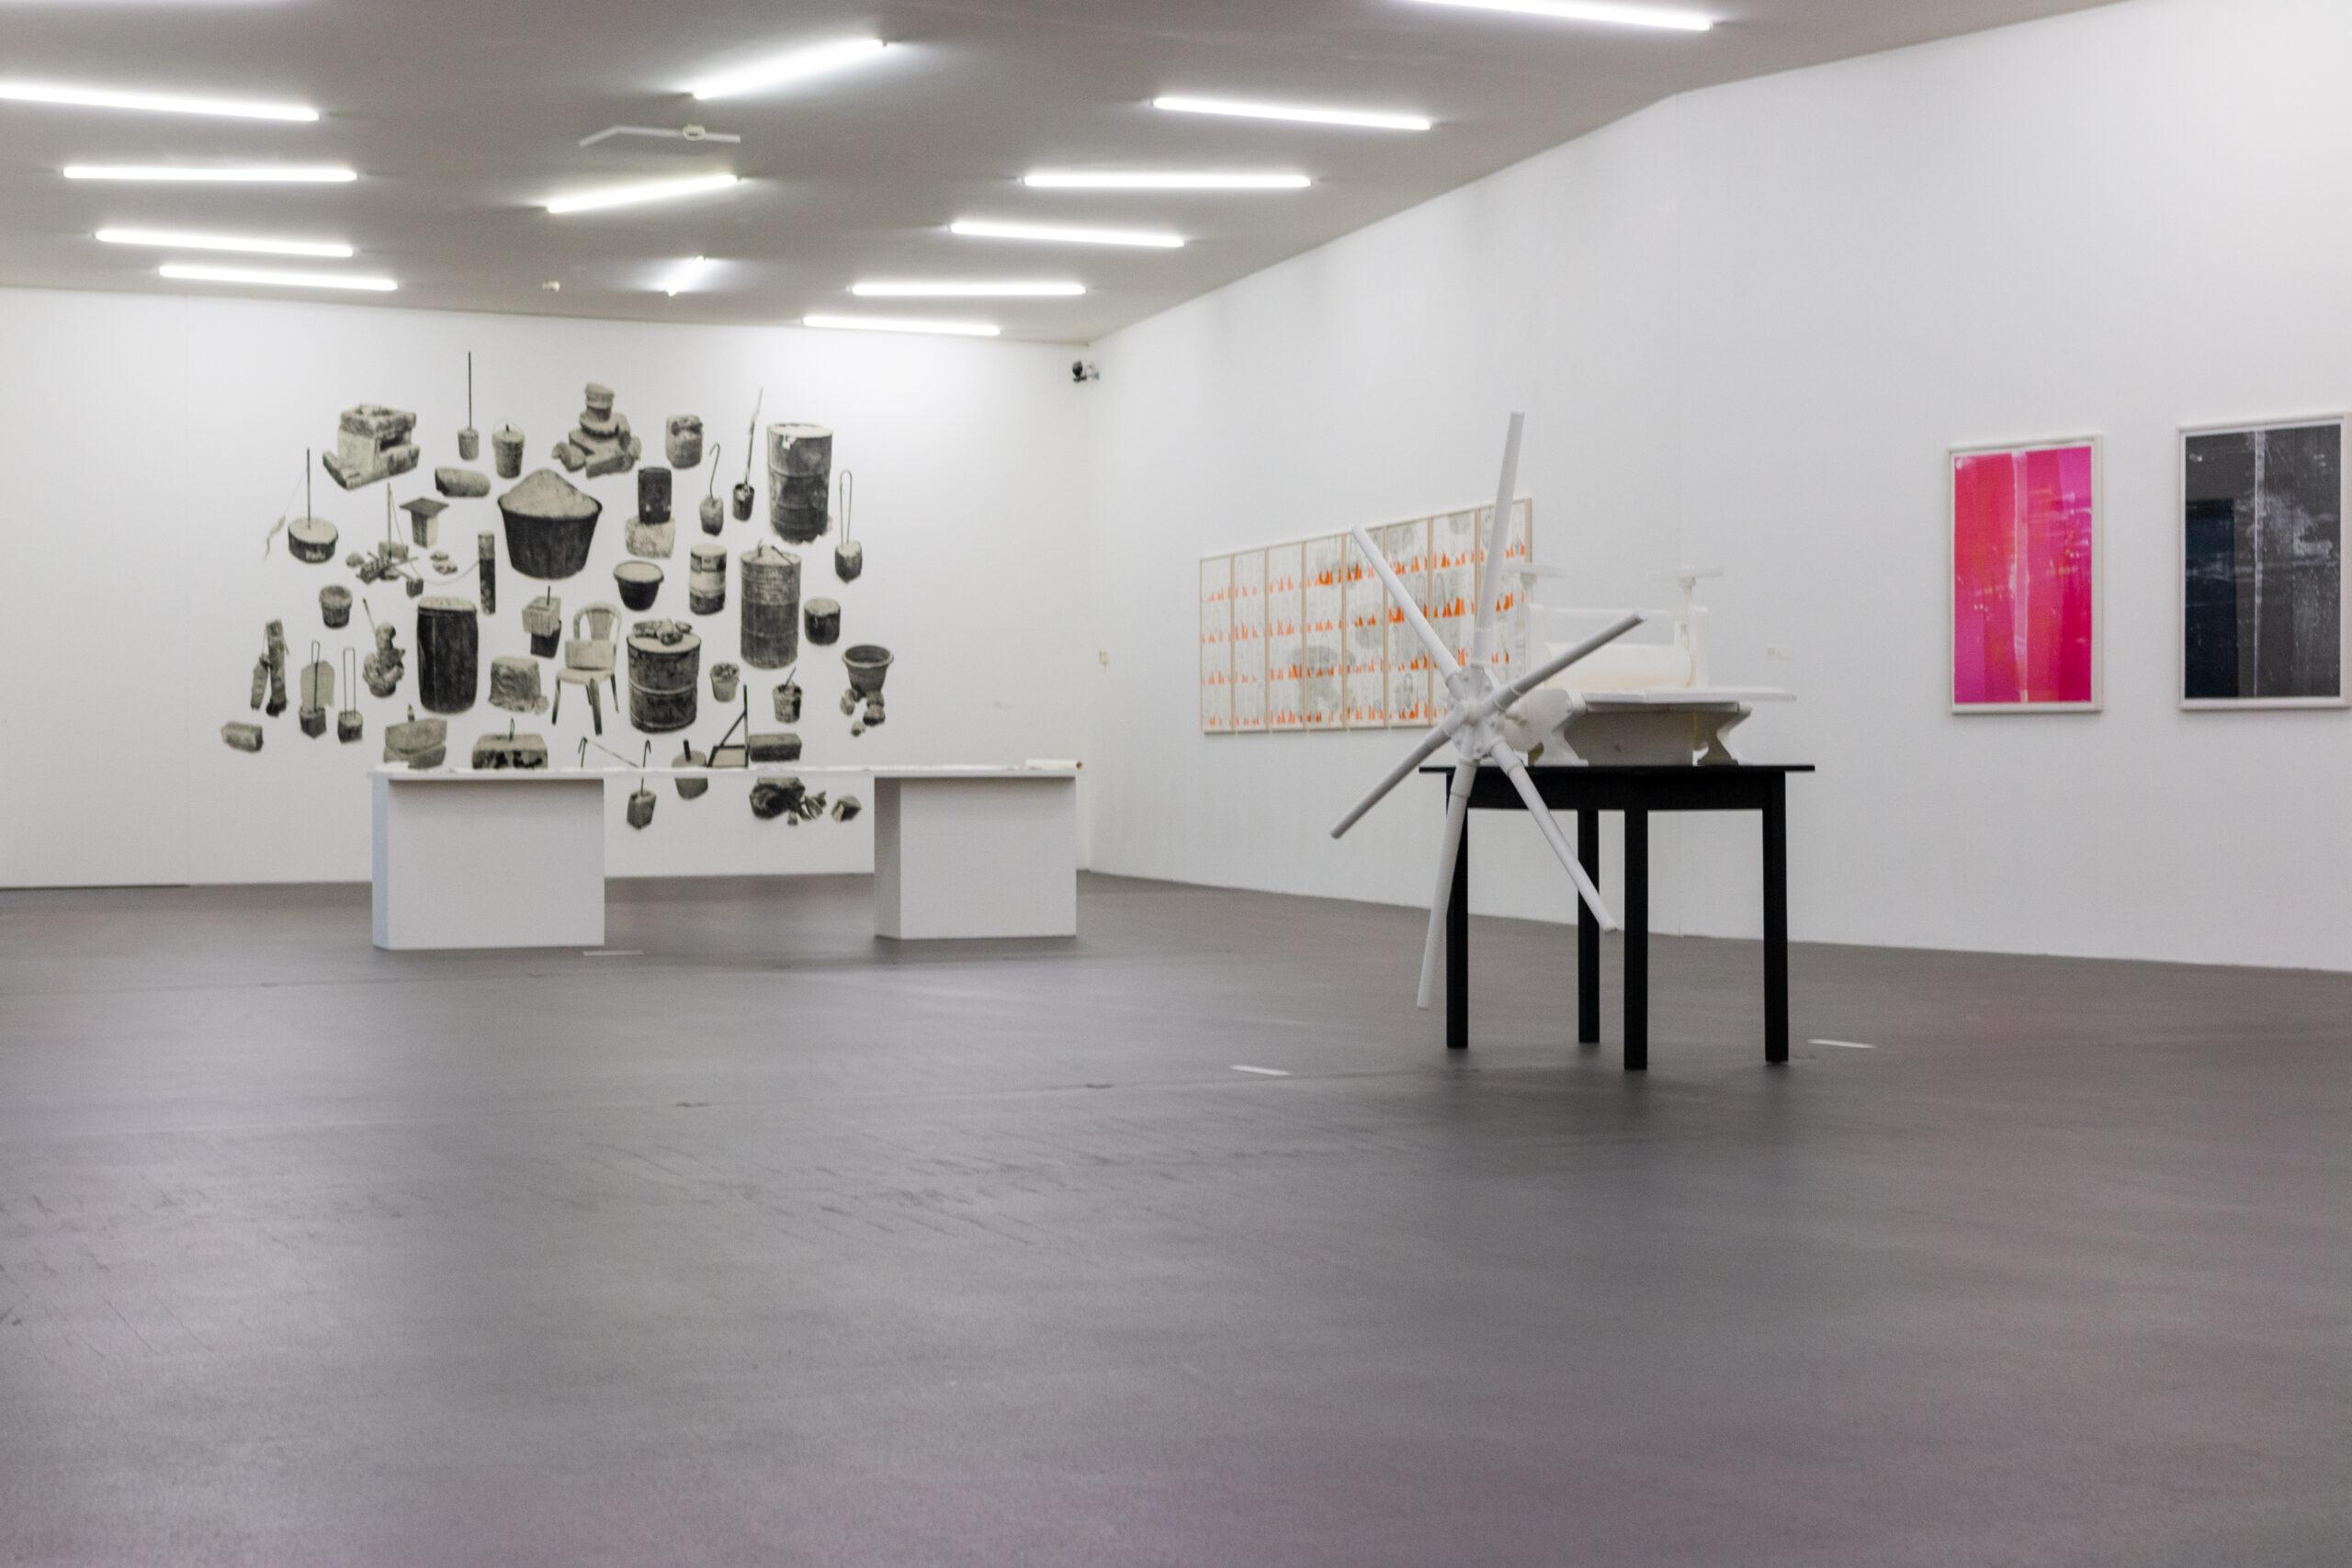 «IMPRESSION 2021 - Ausstellung für Druckgraphik | Exposition de gravure et d'art imprimé | Mostra di stampe d'arte» (Ausstellungsansicht «IMPRESSION 2019», Neubau, Kunsthaus Grenchen)